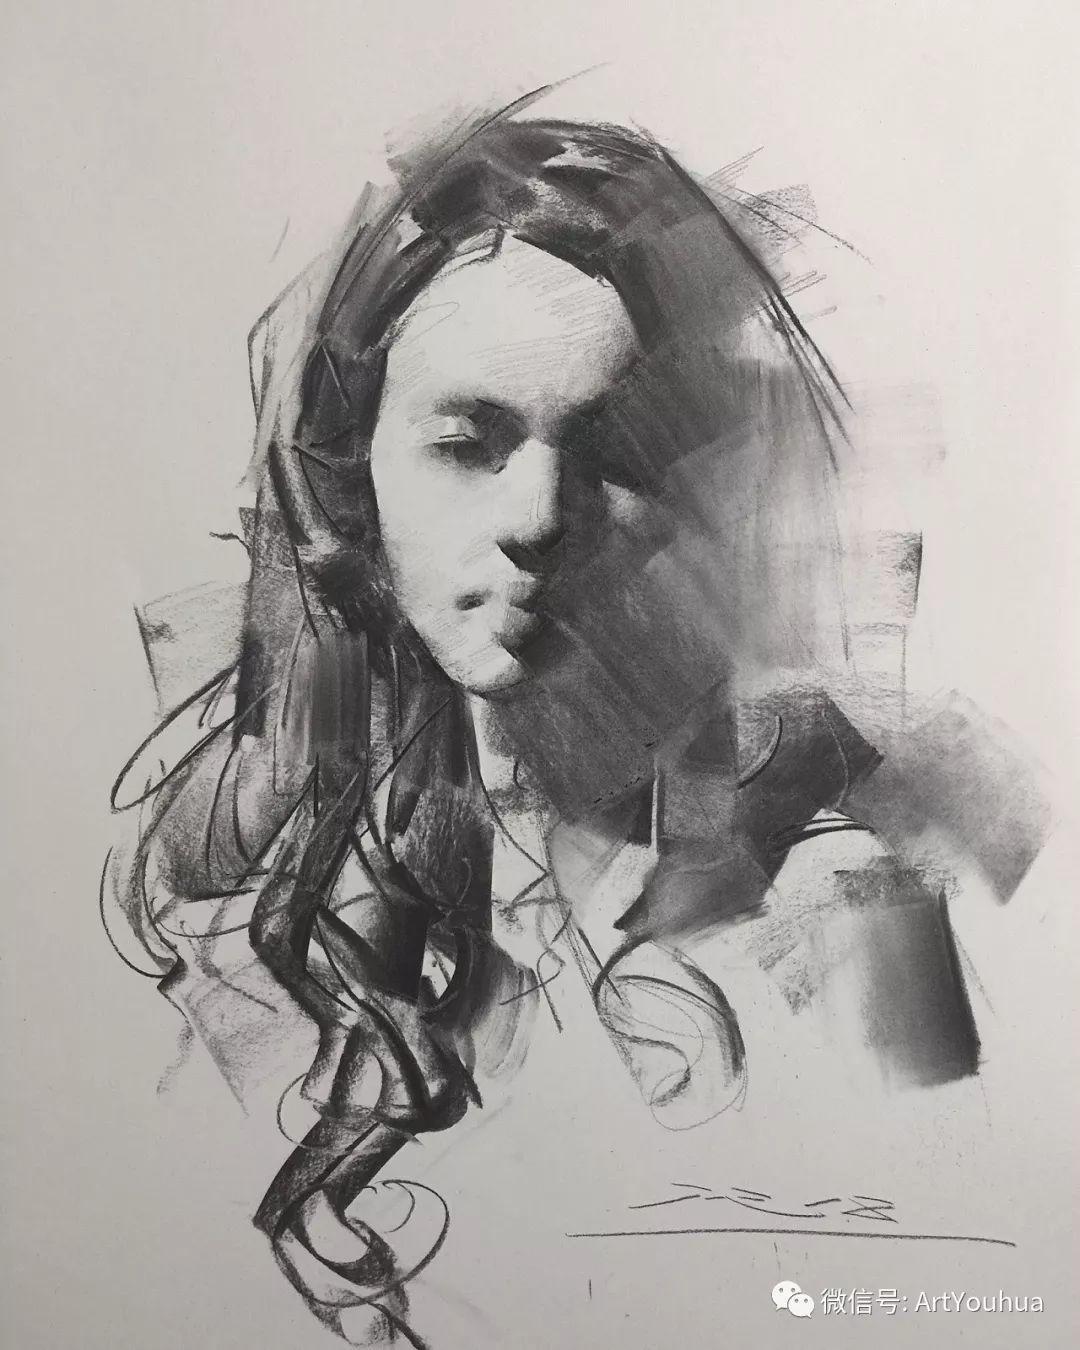 他的人物肖像绘画独具一格 还是位80后画家插图109